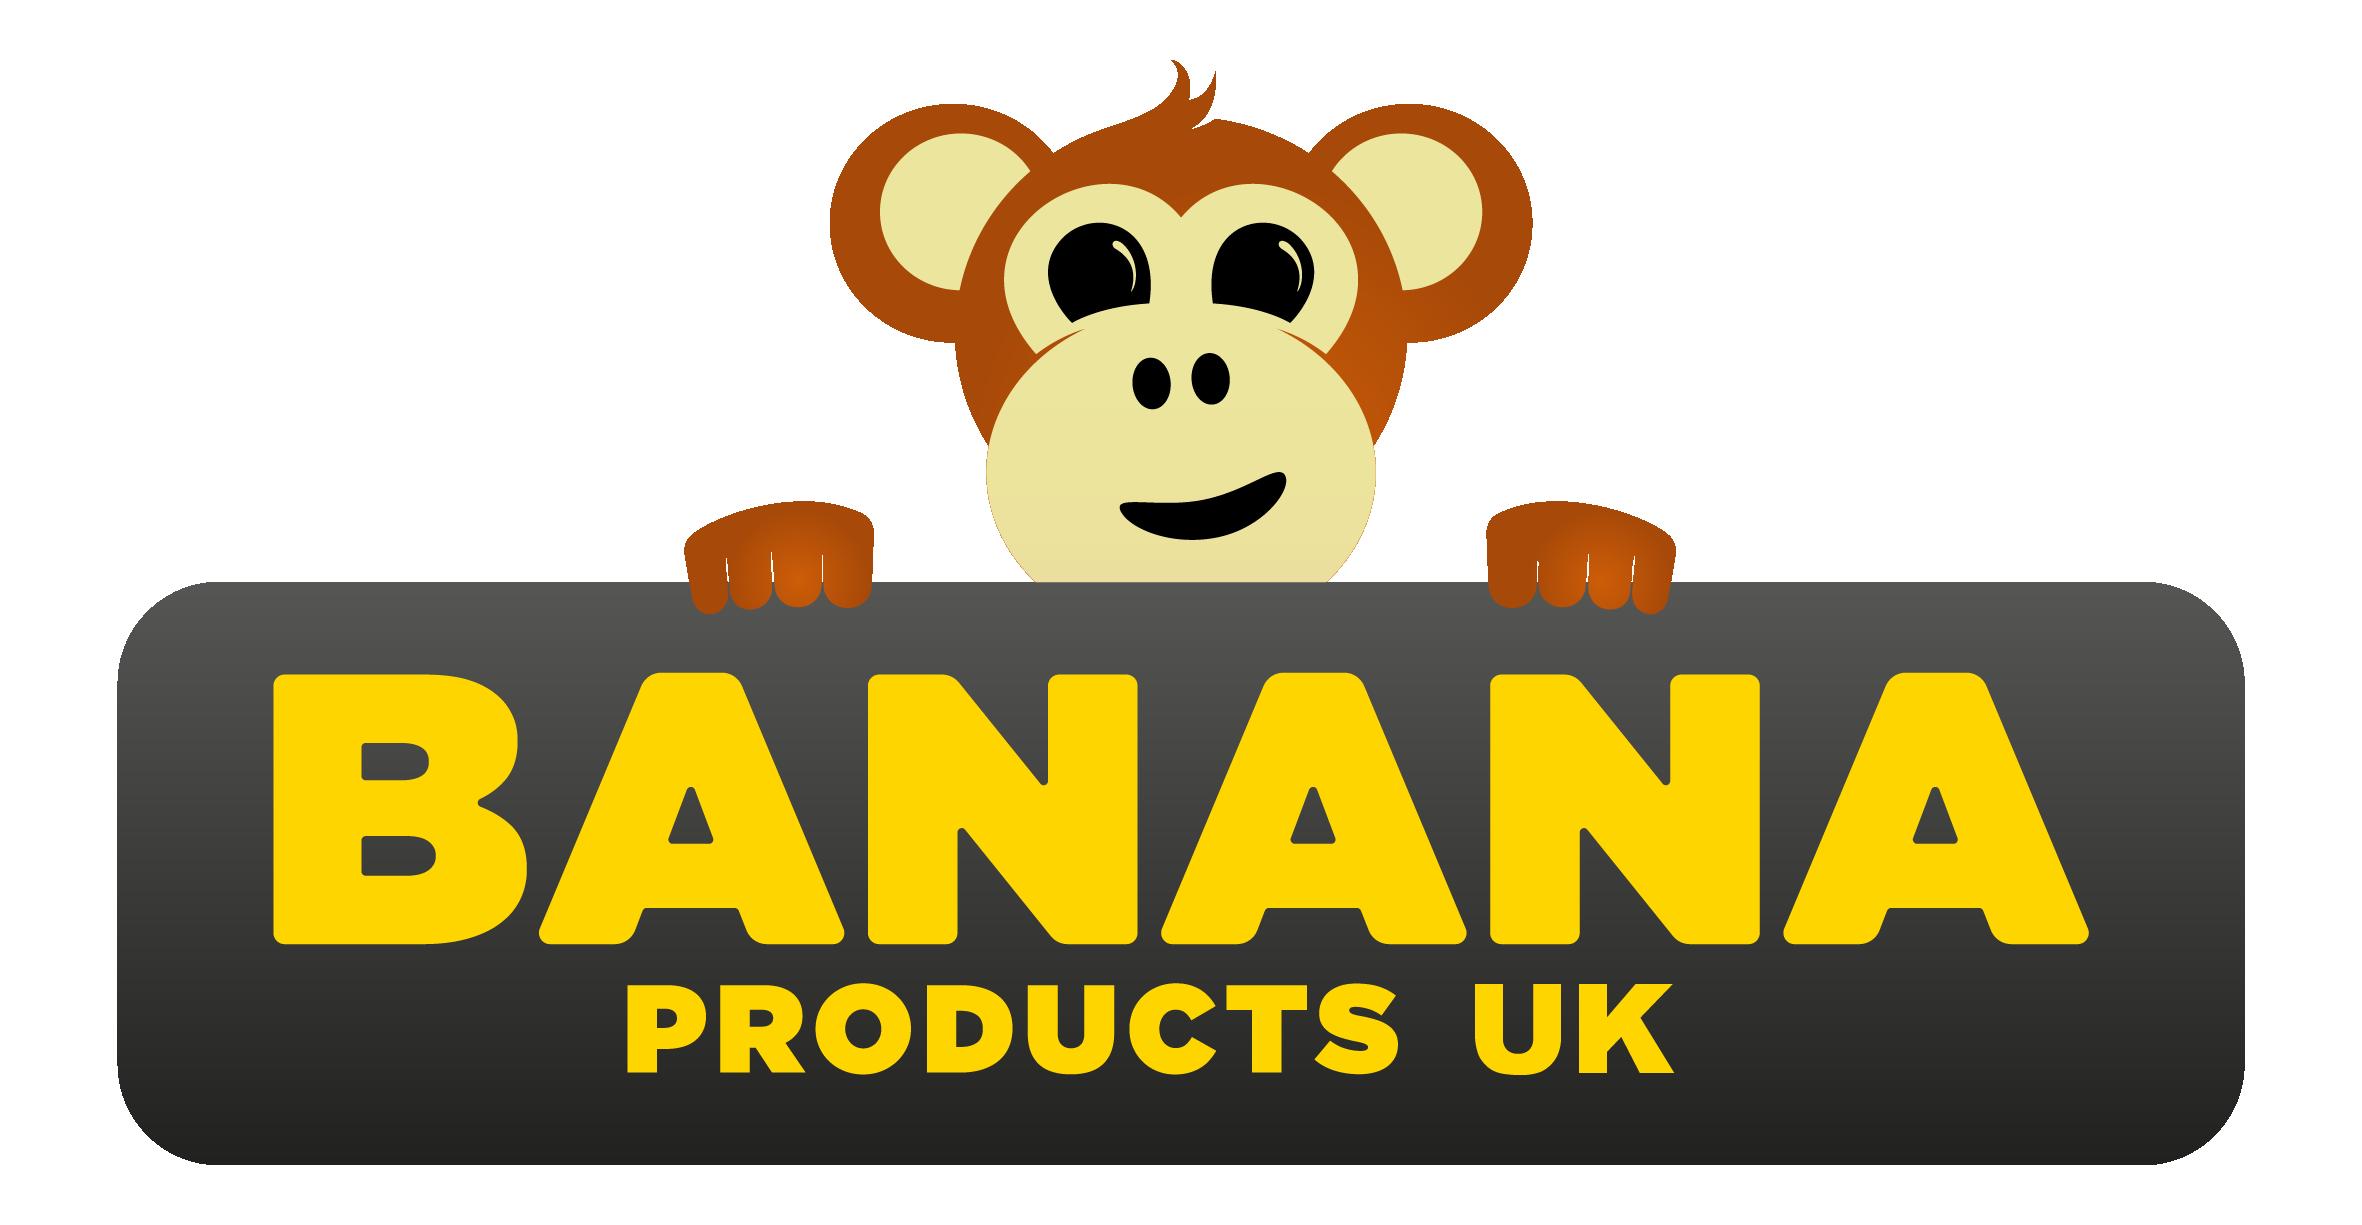 Bananacone UK